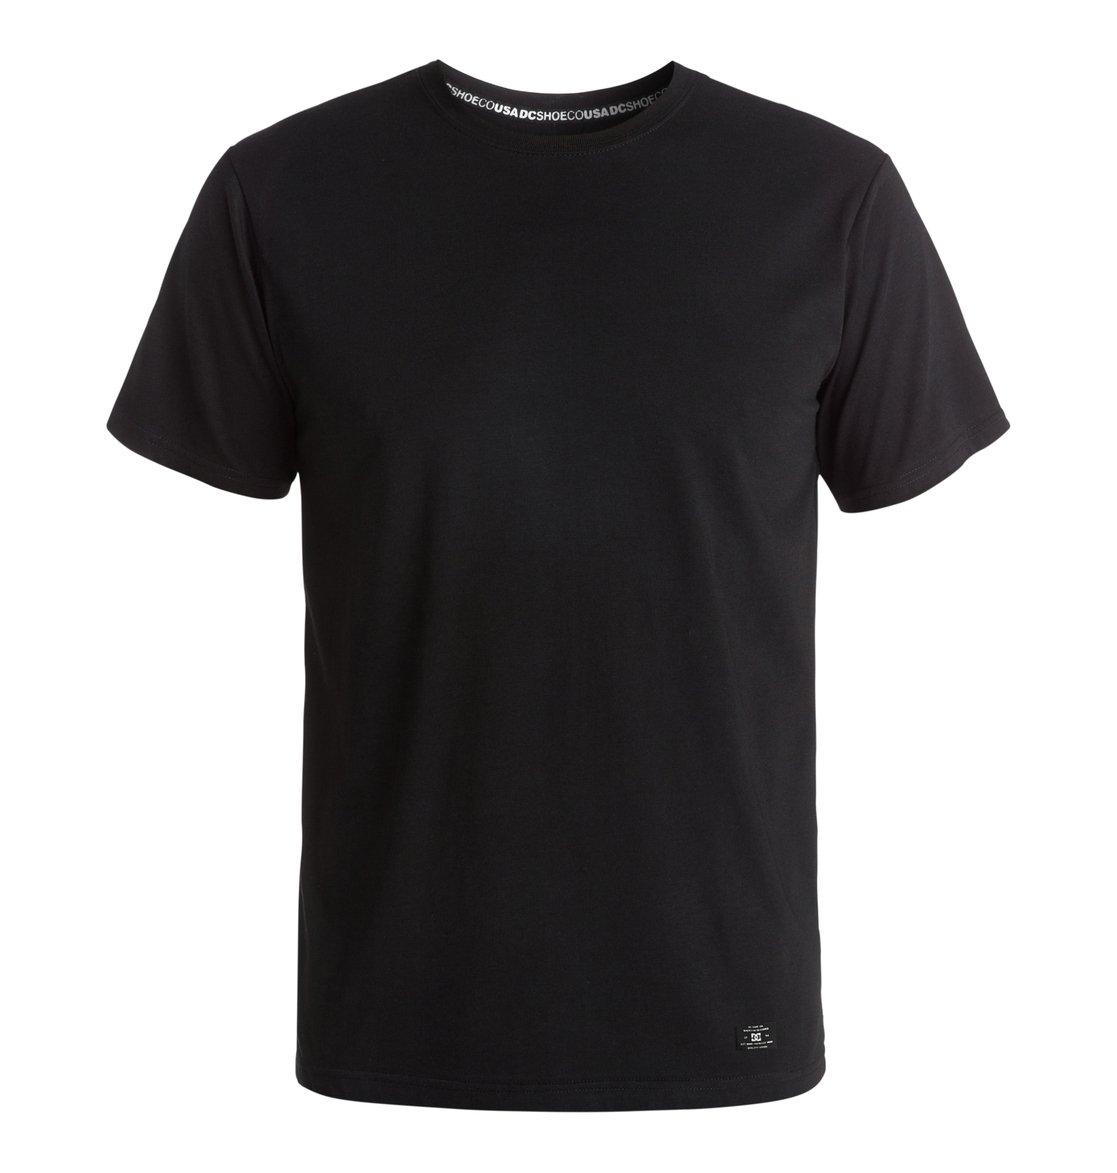 Basic T-ShirtМужская футболка Basic от DC Shoes. <br>ХАРАКТЕРИСТИКИ: короткие рукава, округлый вырез, сочетание хлопка и полиэстера, отделанный воротник, тесьма с маркировкой DCSHOECO в районе плеч и задней части воротника, ярлык с логотипом DC спереди. <br>СОСТАВ: 60% хлопок, 40% полиэстер.<br>